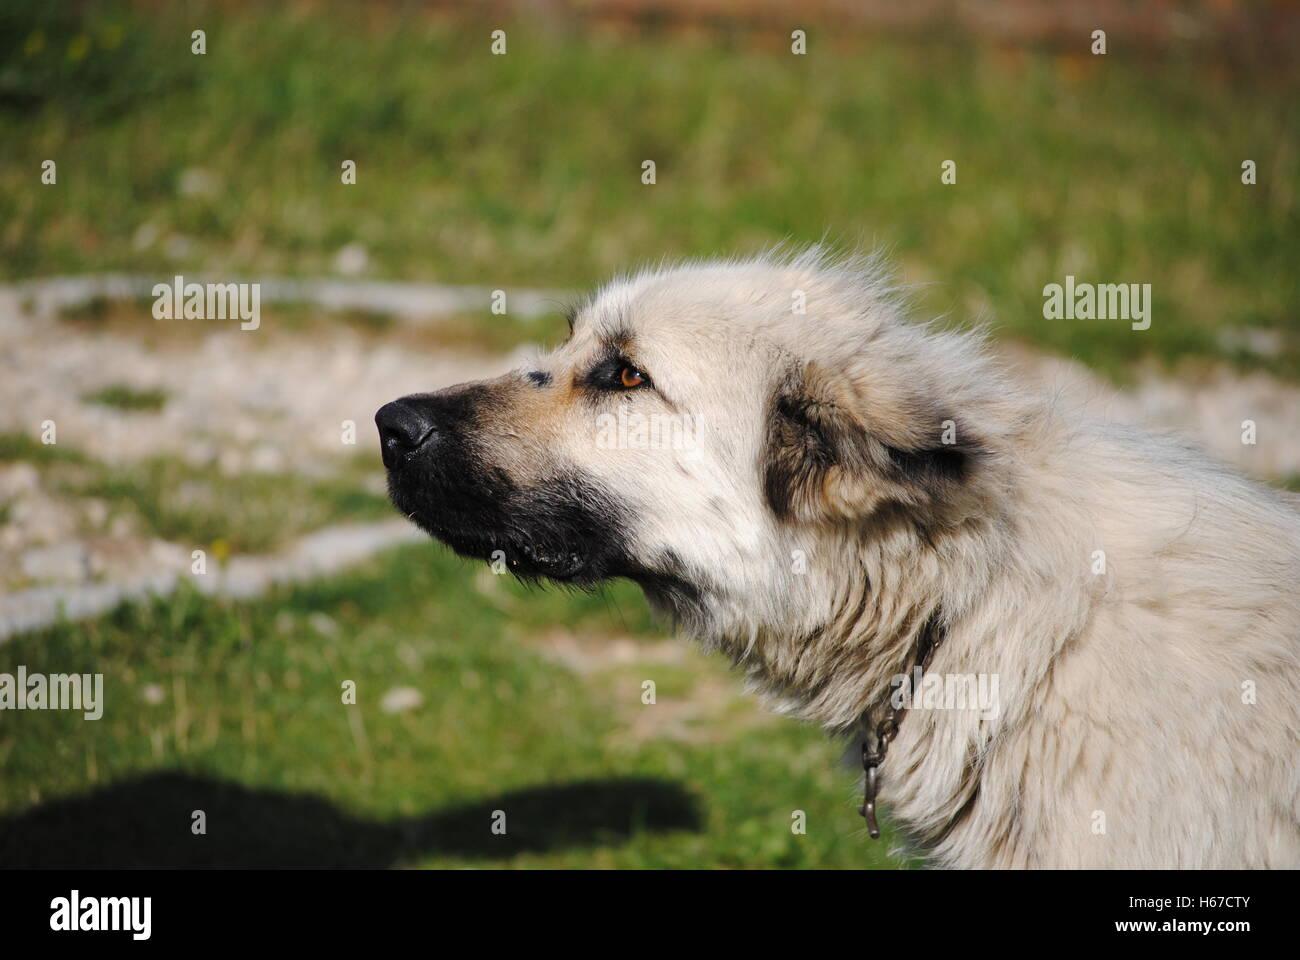 Cane di pecora prestando attenzione. Immagini Stock